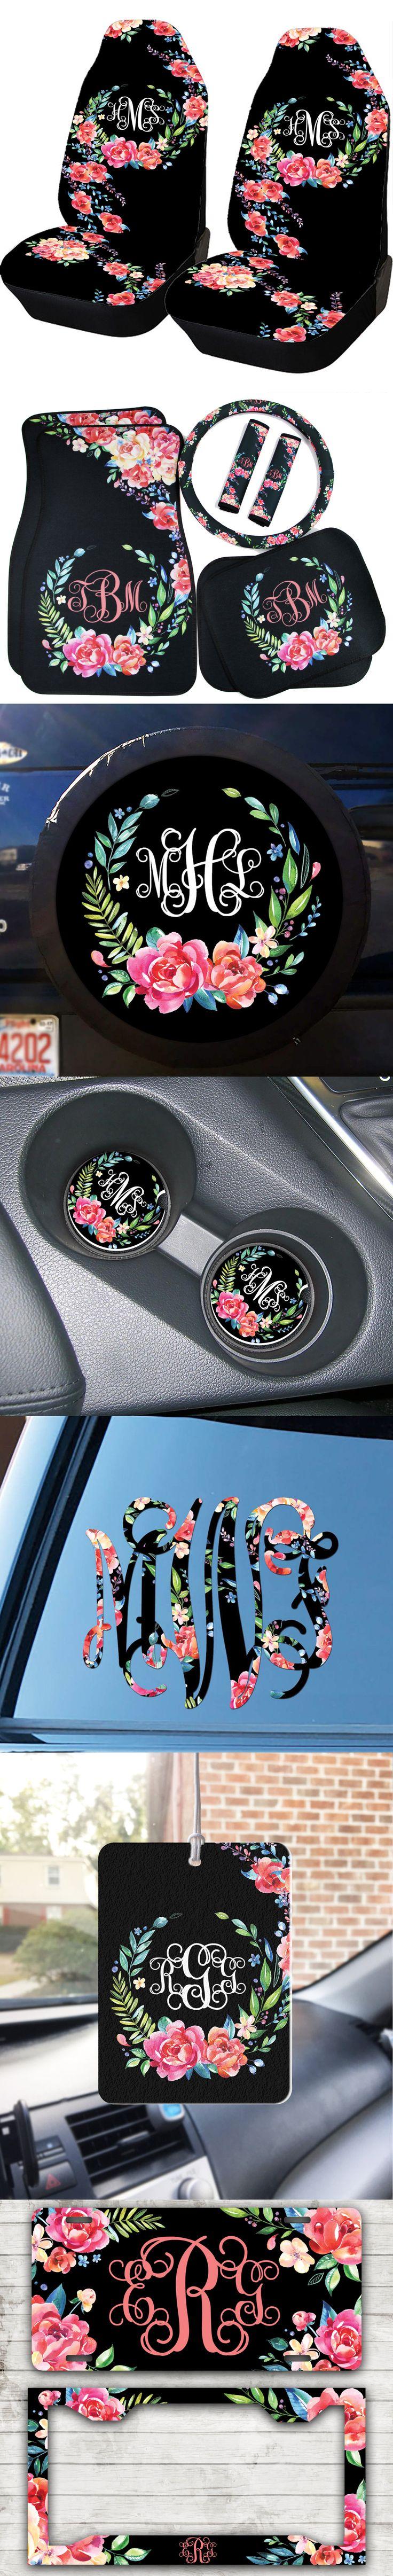 Car interior accessories india - Pinterest Meritreece Car Interior